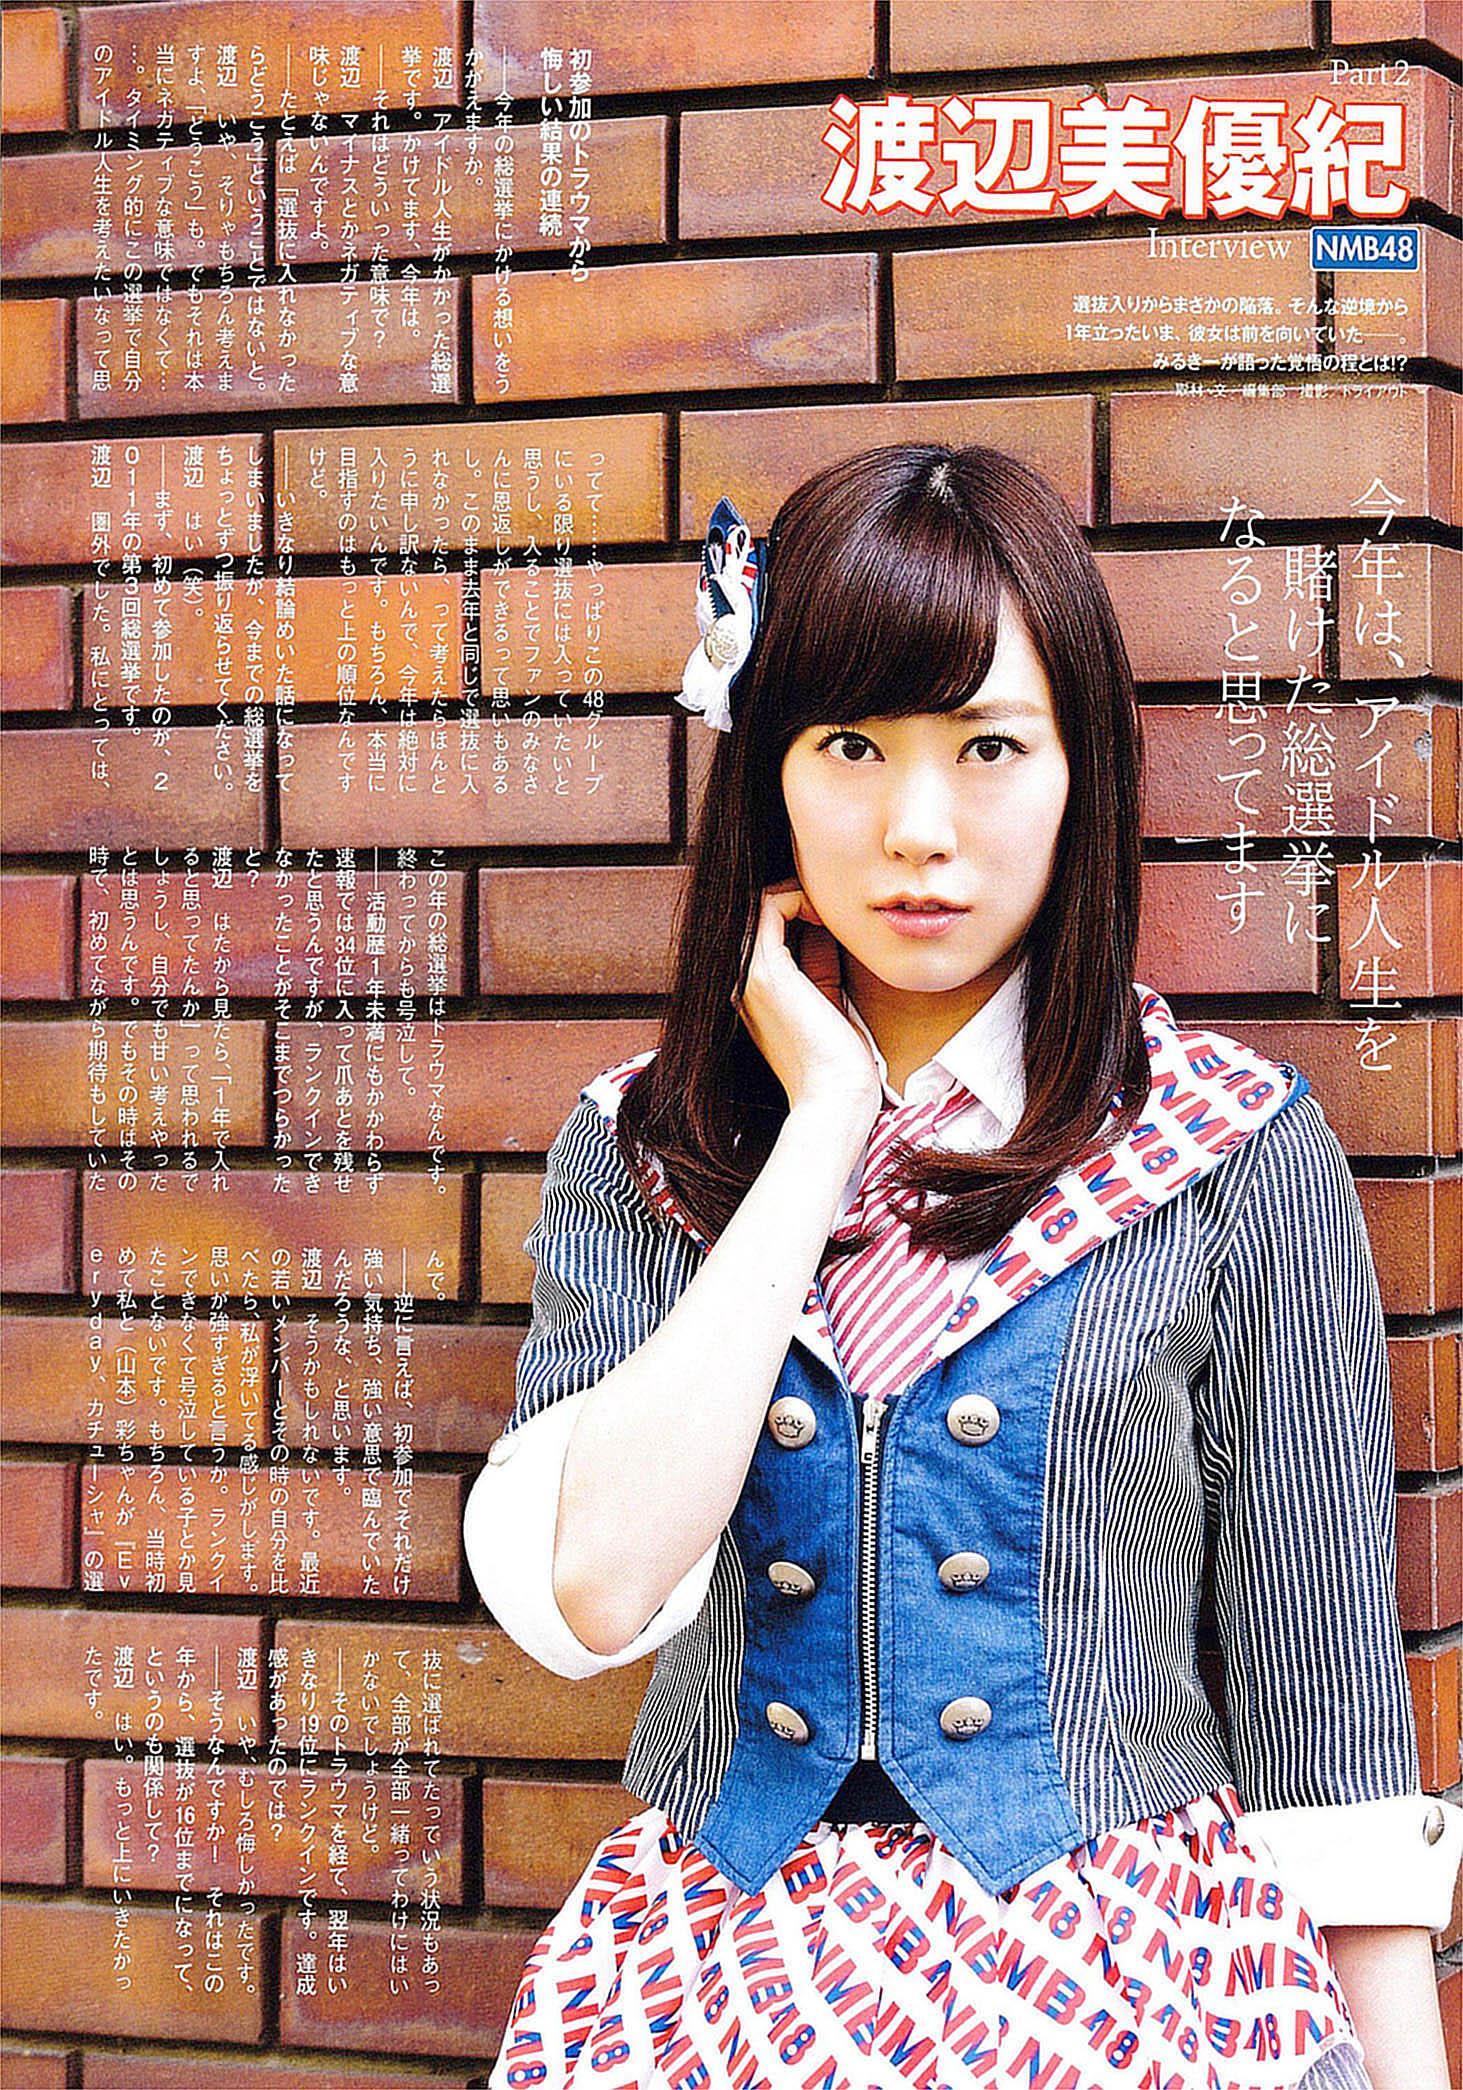 MiWatanabe EnTame 1507 01.jpg